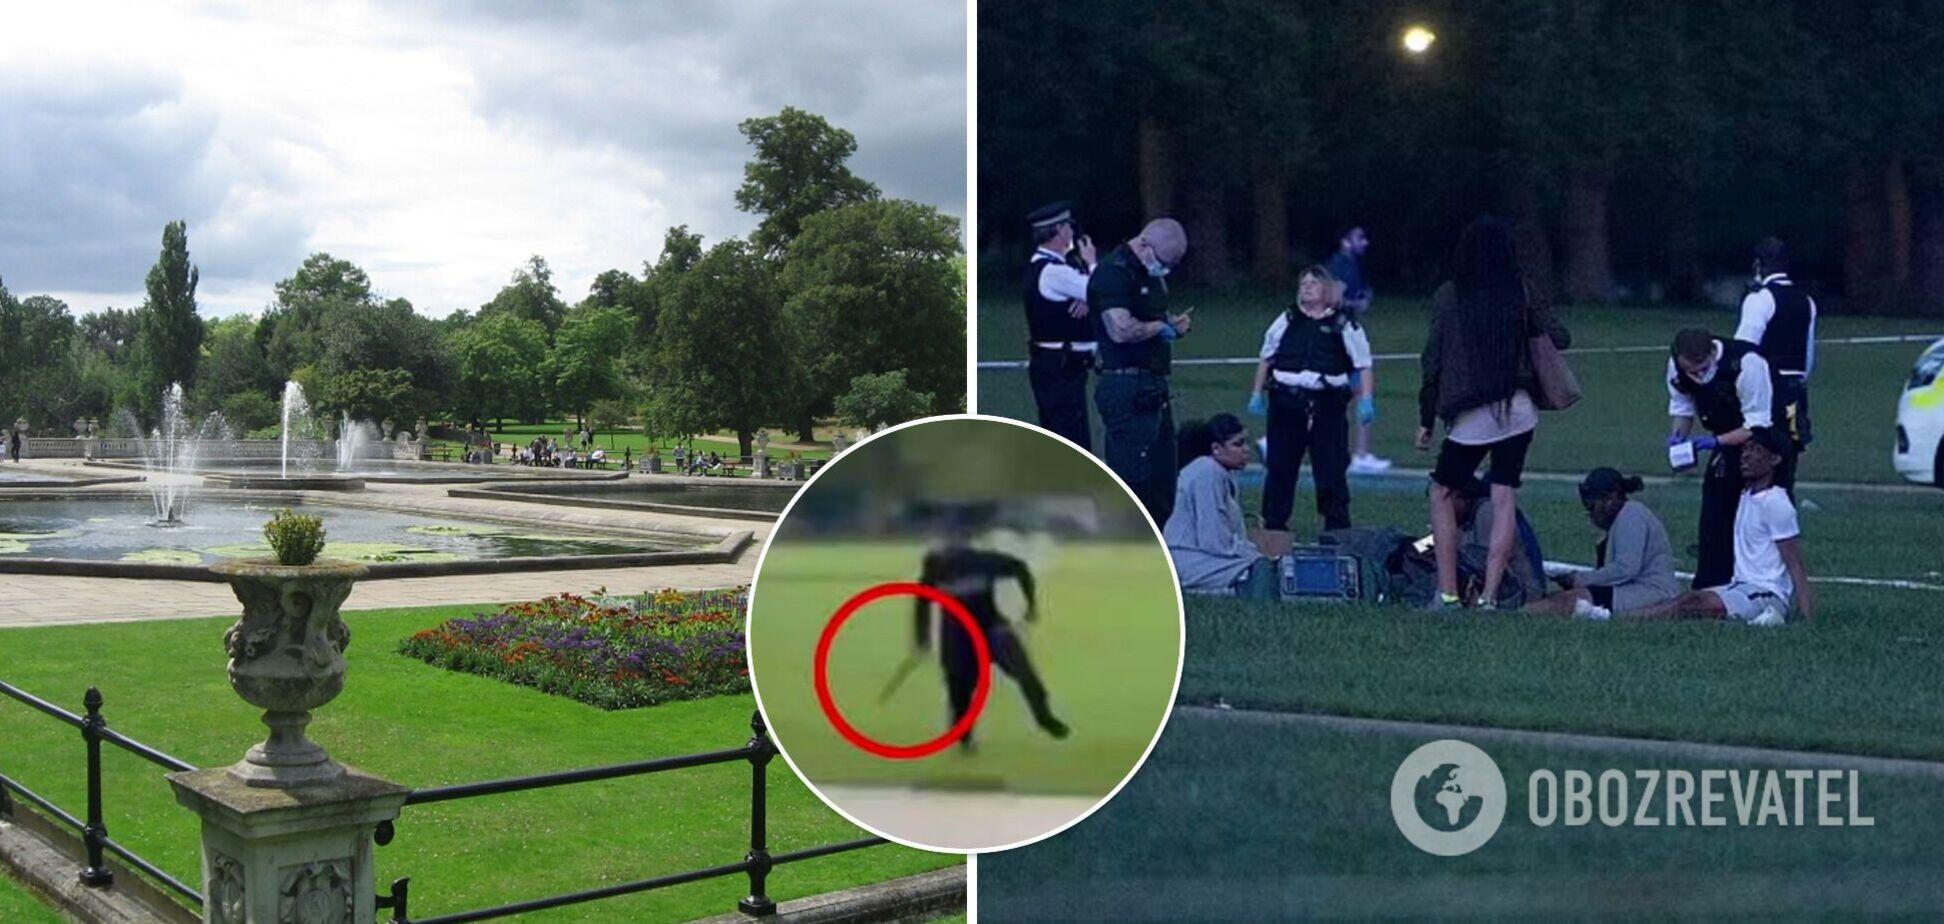 Резня в Гайд-парке